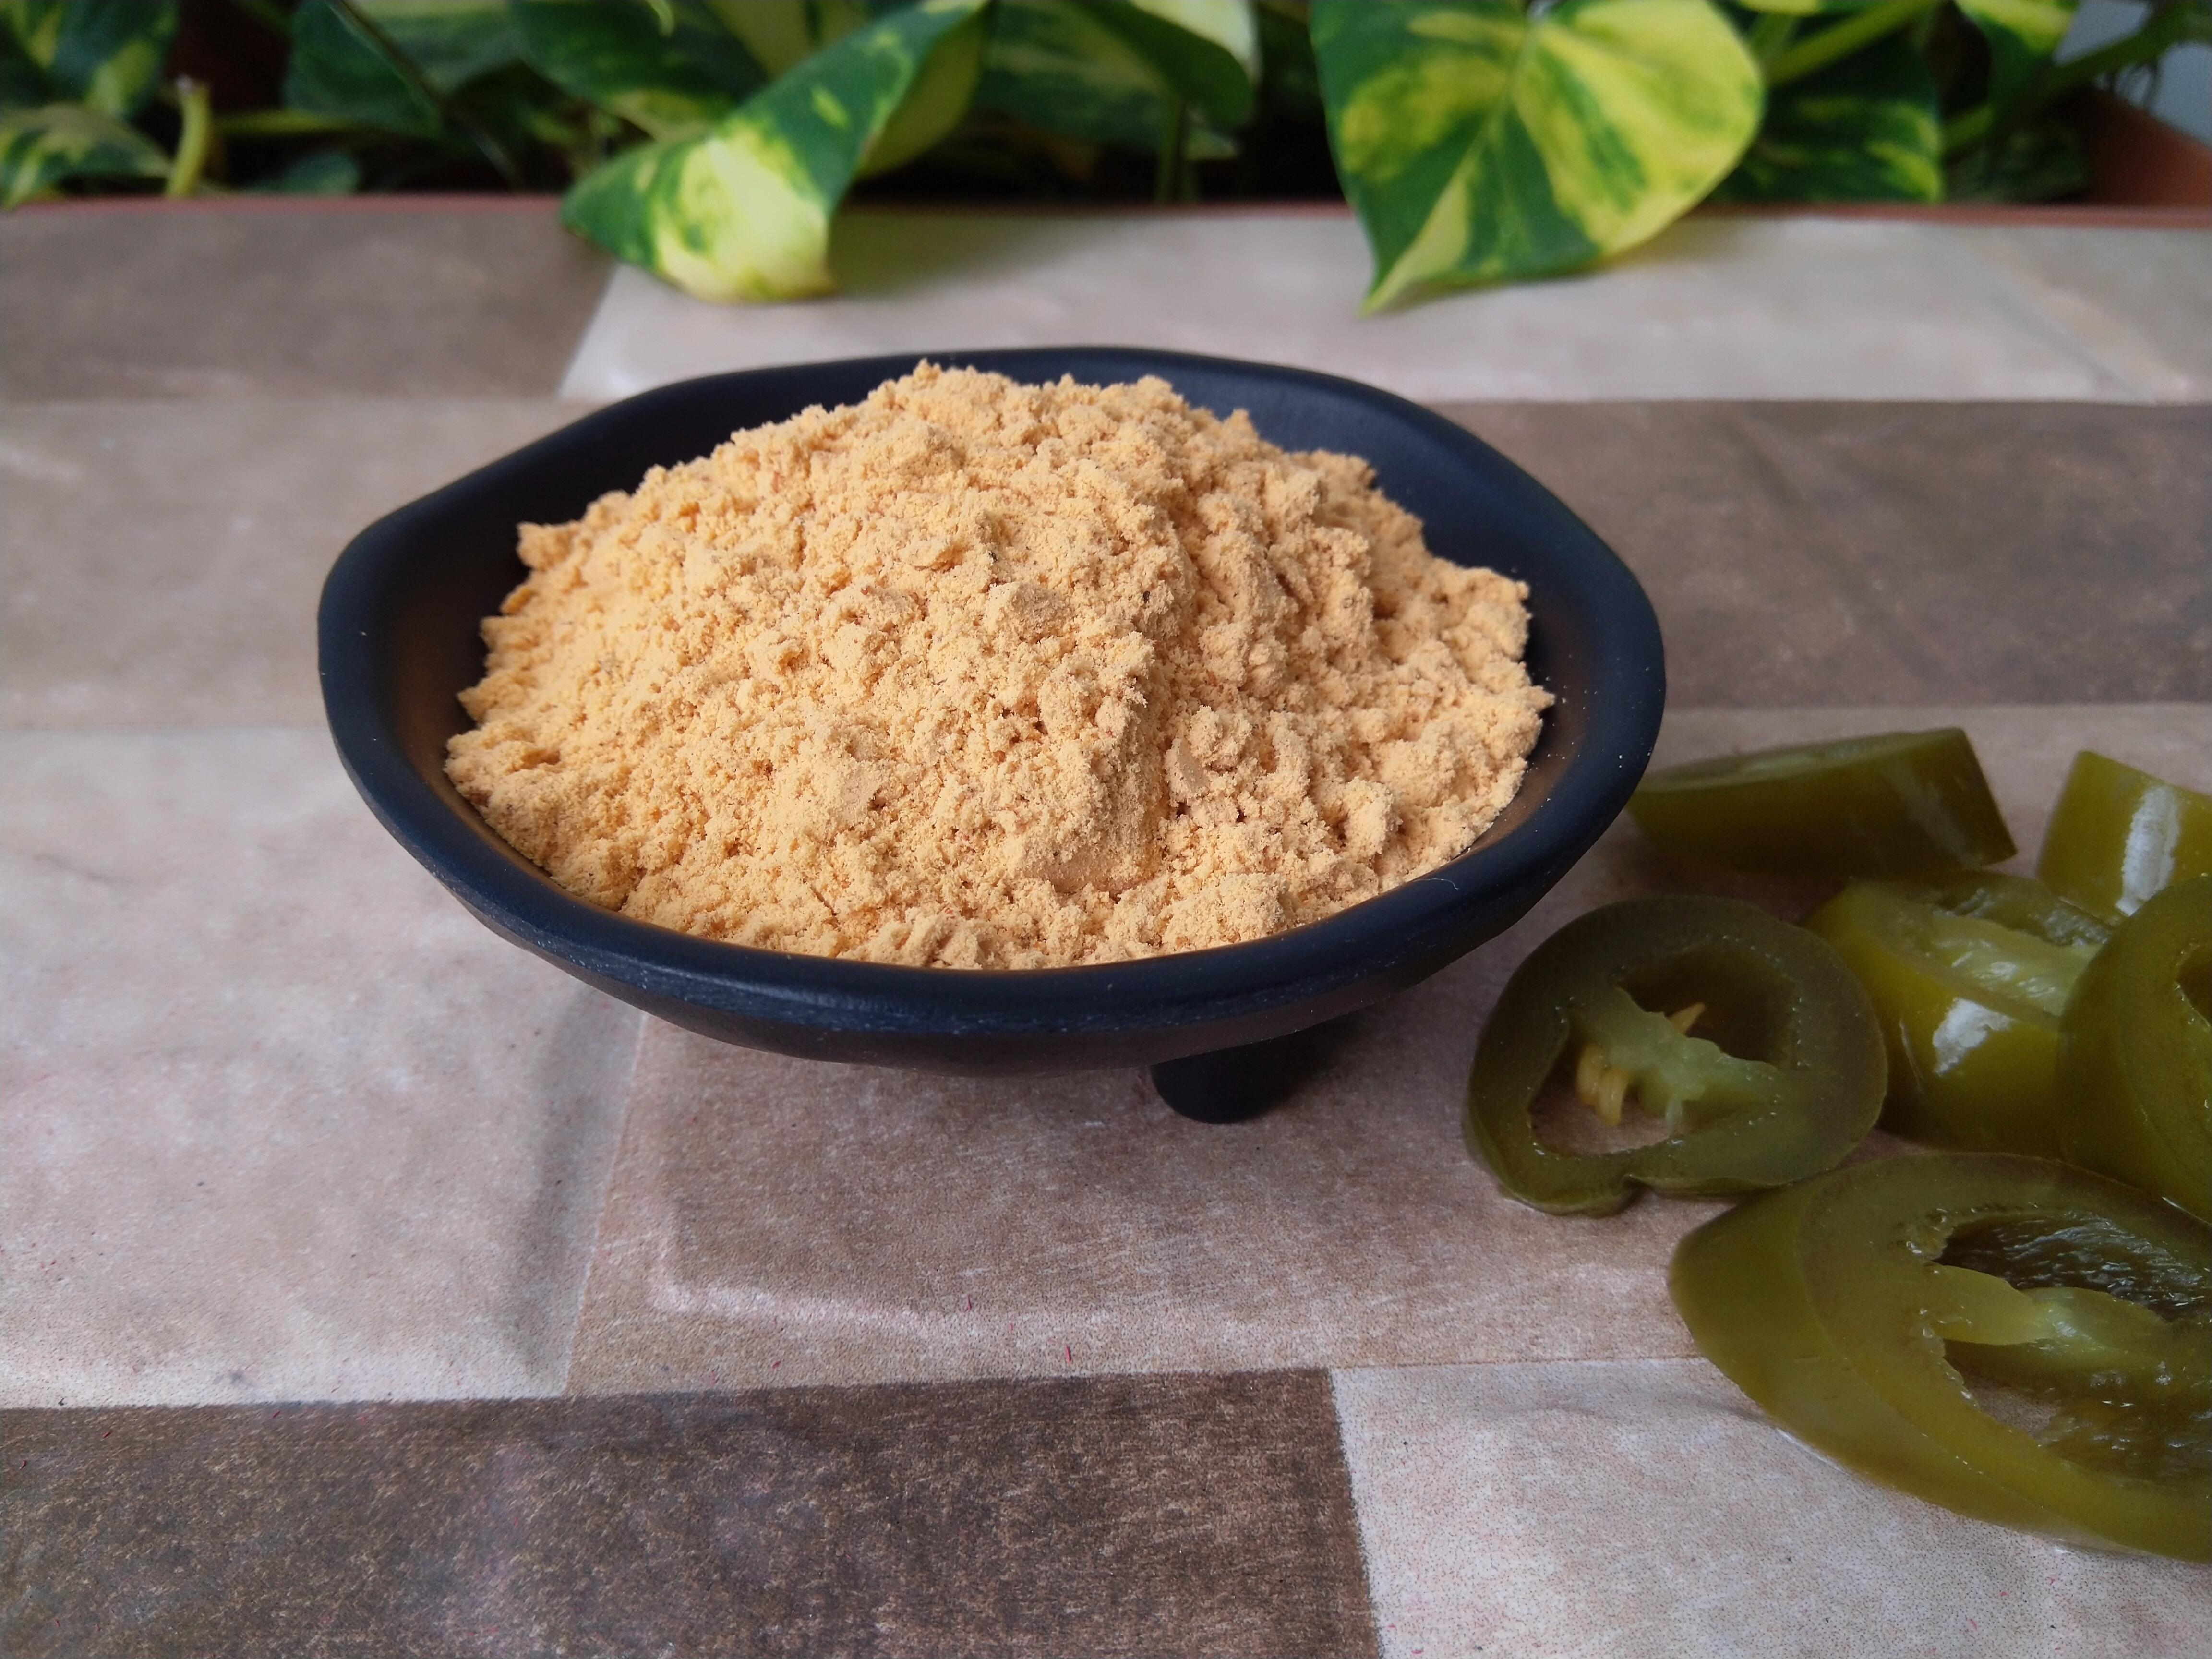 Jalapeno Seasoning